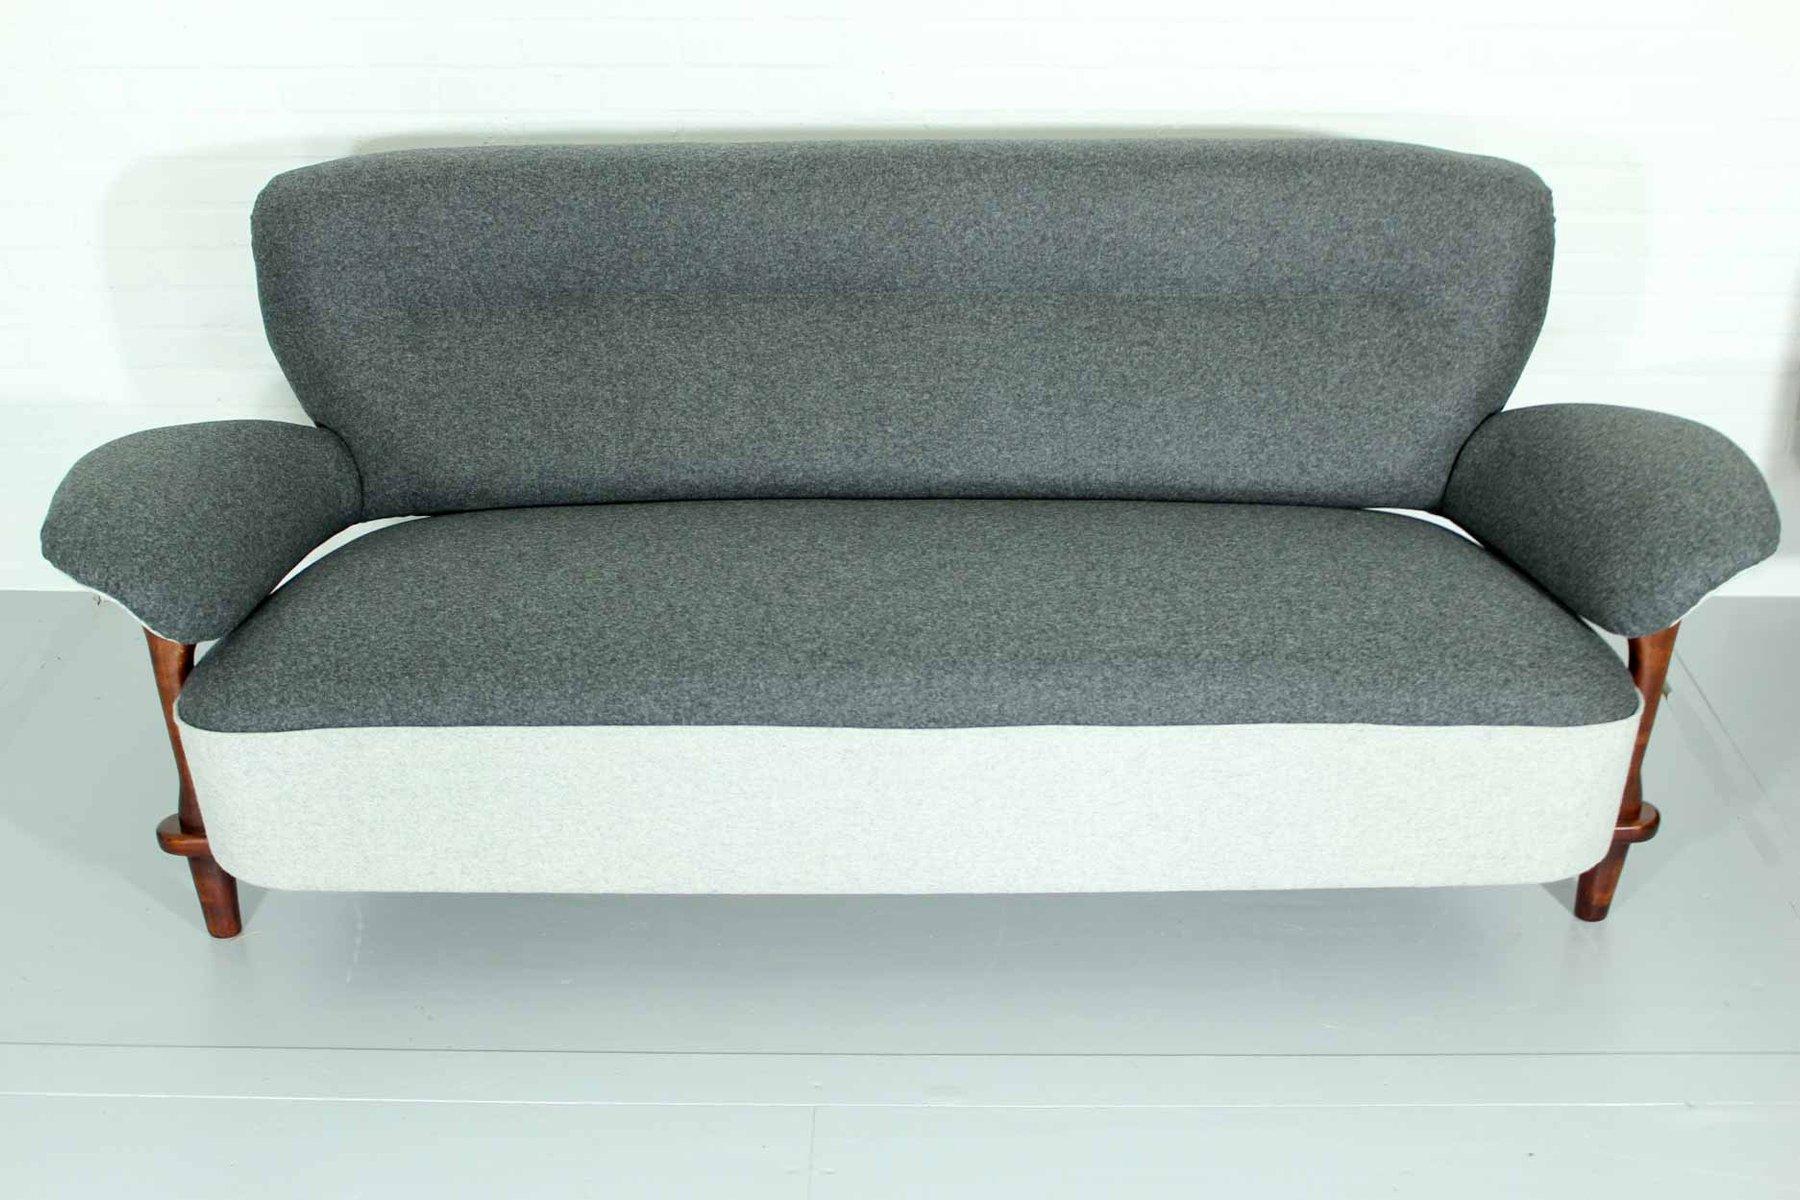 niederl ndisches mid century sofa von theo ruth f r artifort 1950er bei pamono kaufen. Black Bedroom Furniture Sets. Home Design Ideas